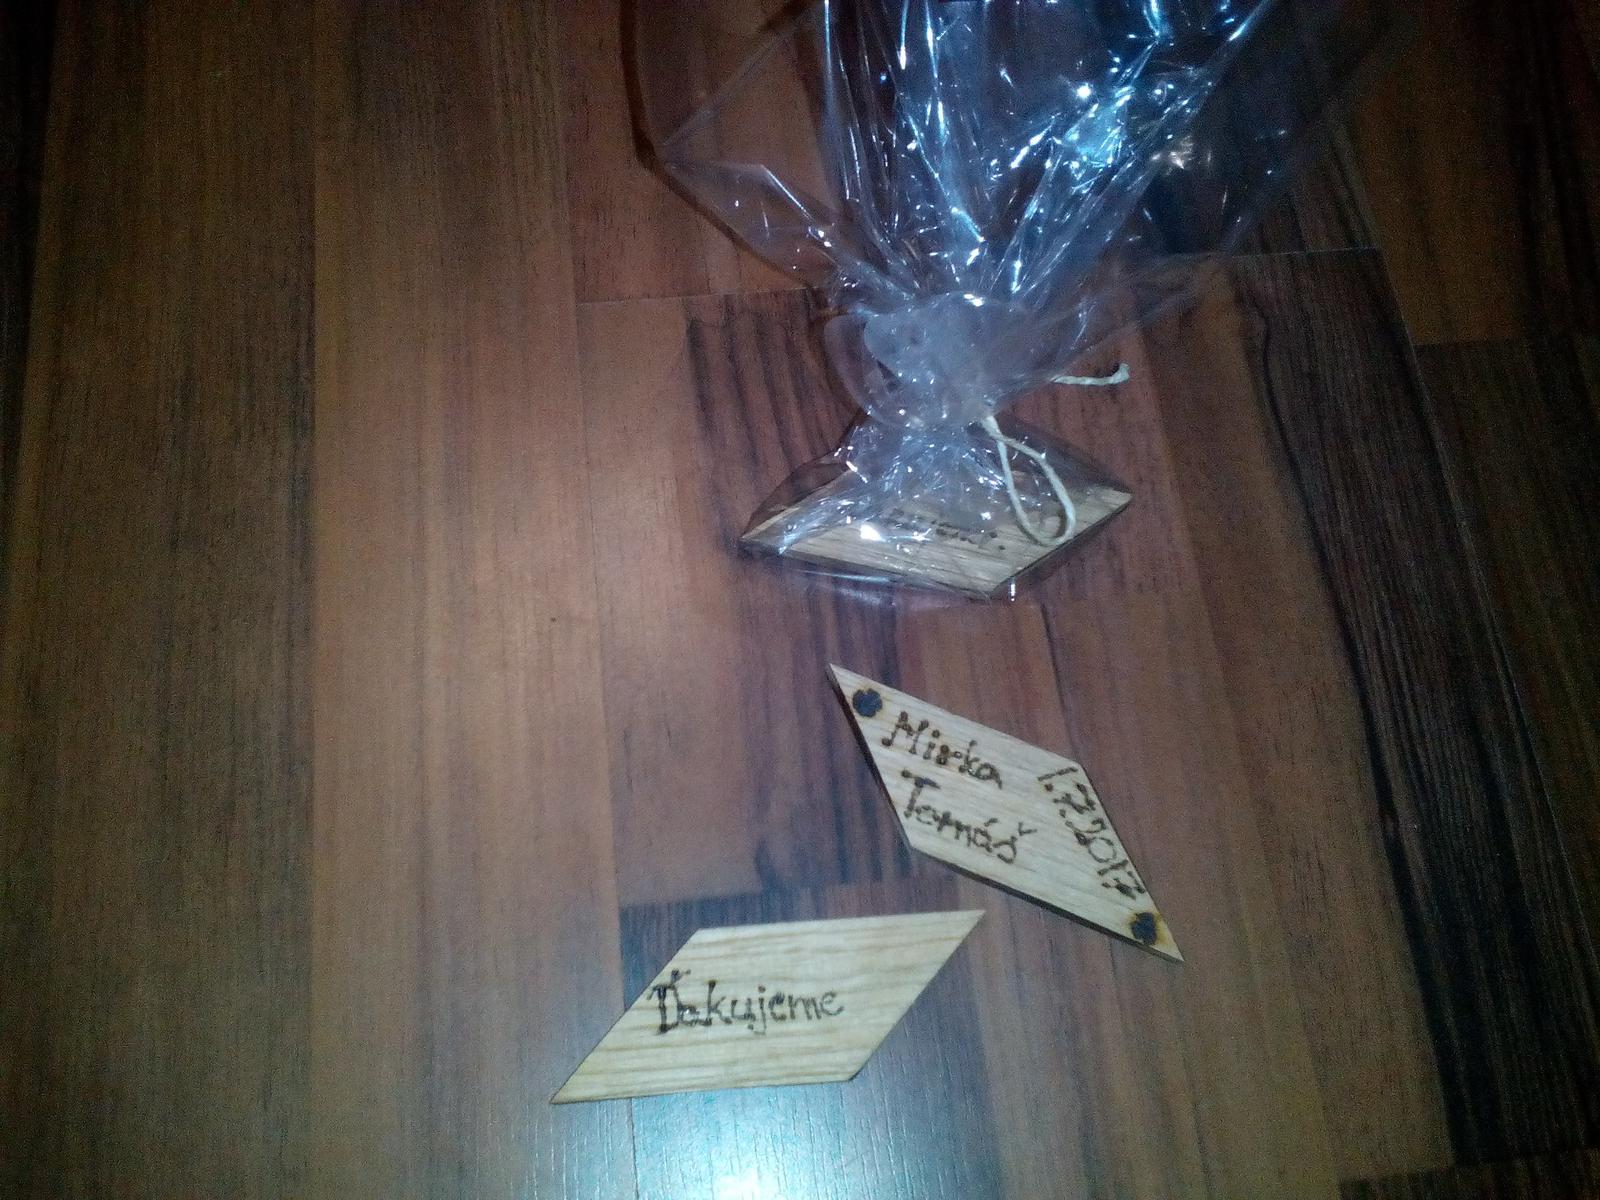 Naše handmade darčeky... jedna strana, druhá strana a zabalený výsledok :) - Obrázok č. 1